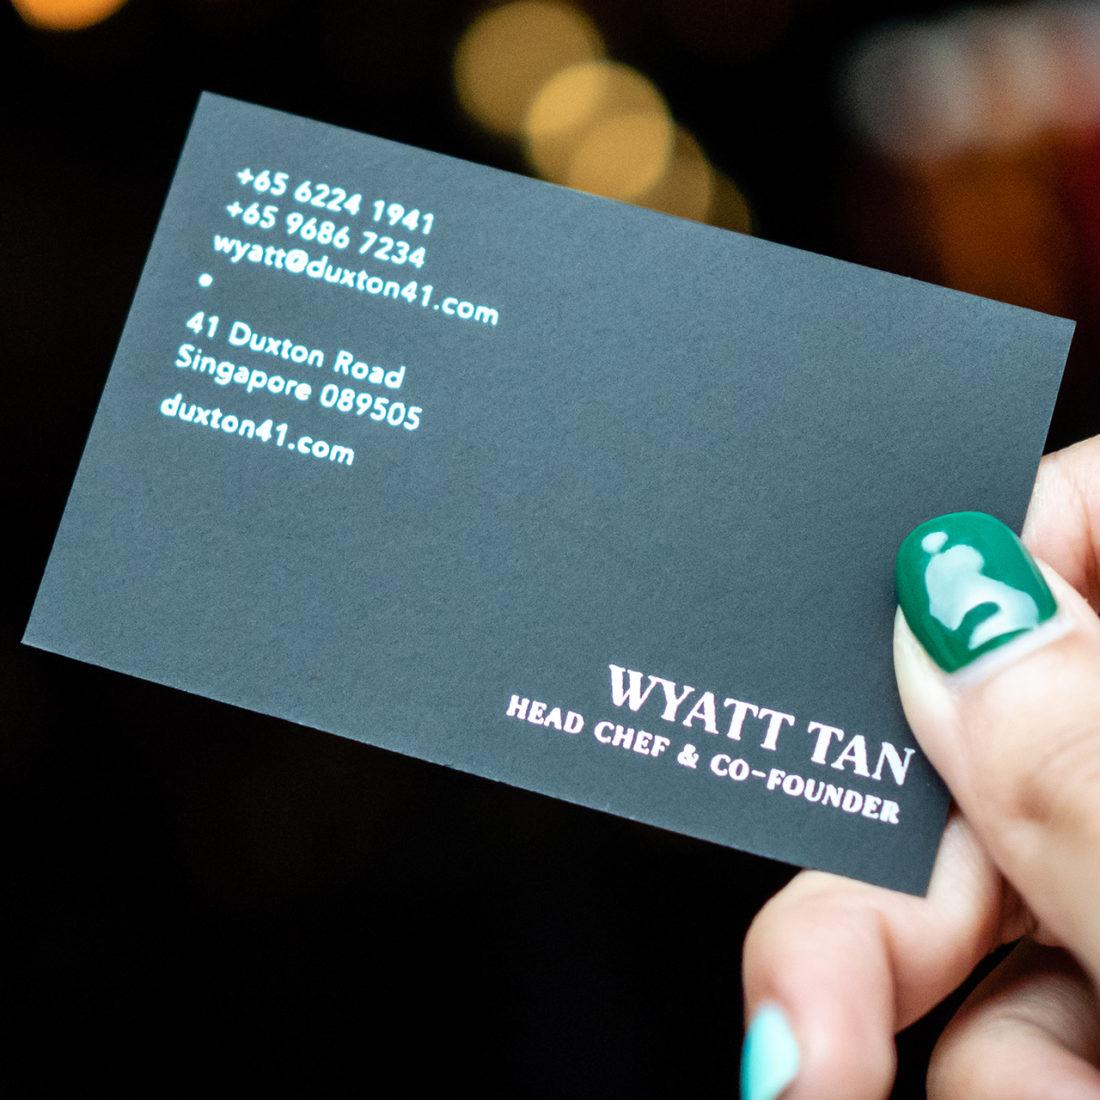 Duxton 41 namecard design printing